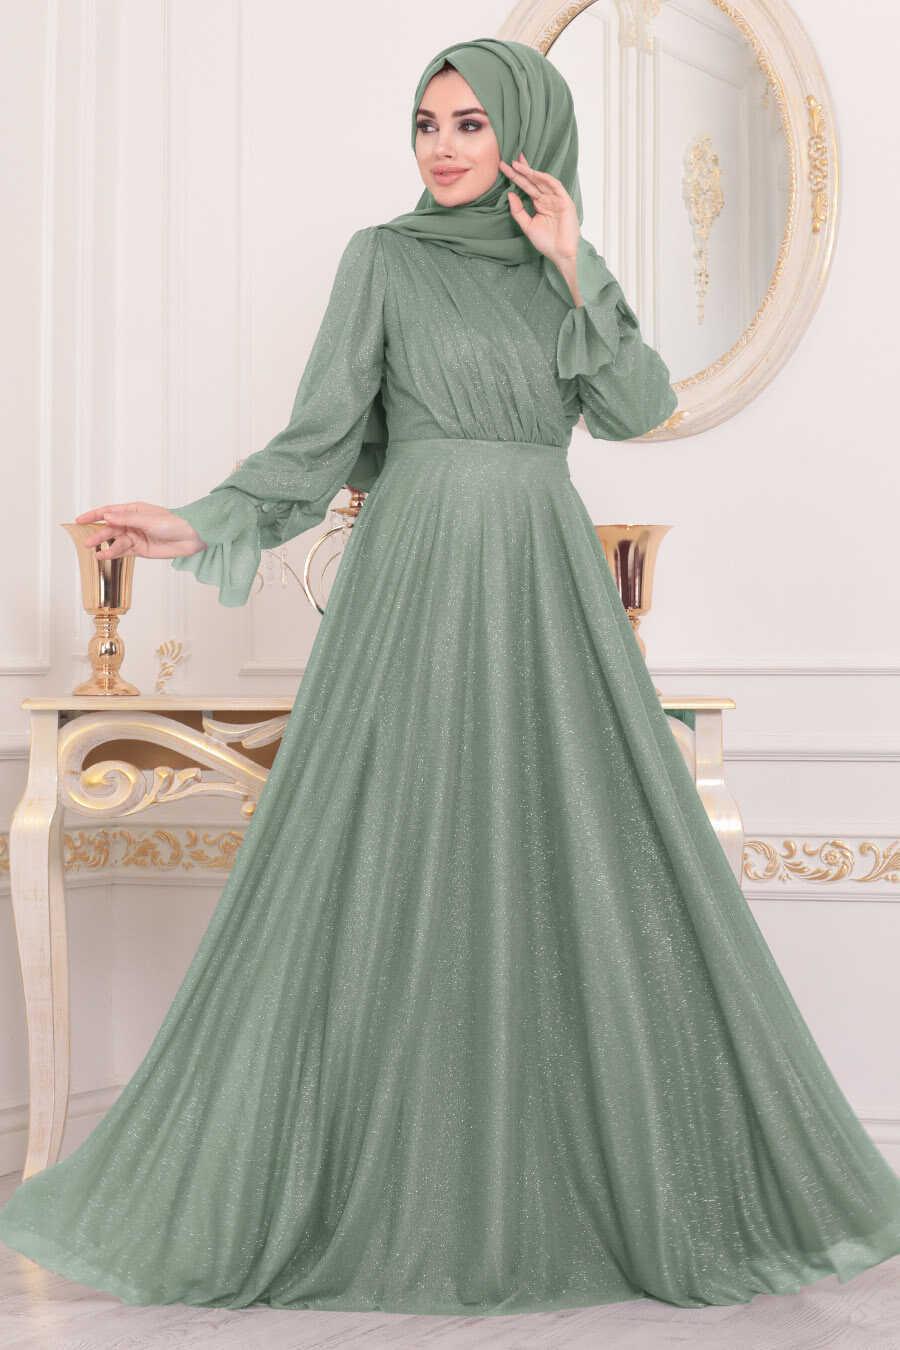 Tesettürlü Abiye Elbiseler - Mint Tesettür Abiye Elbise 22202MINT